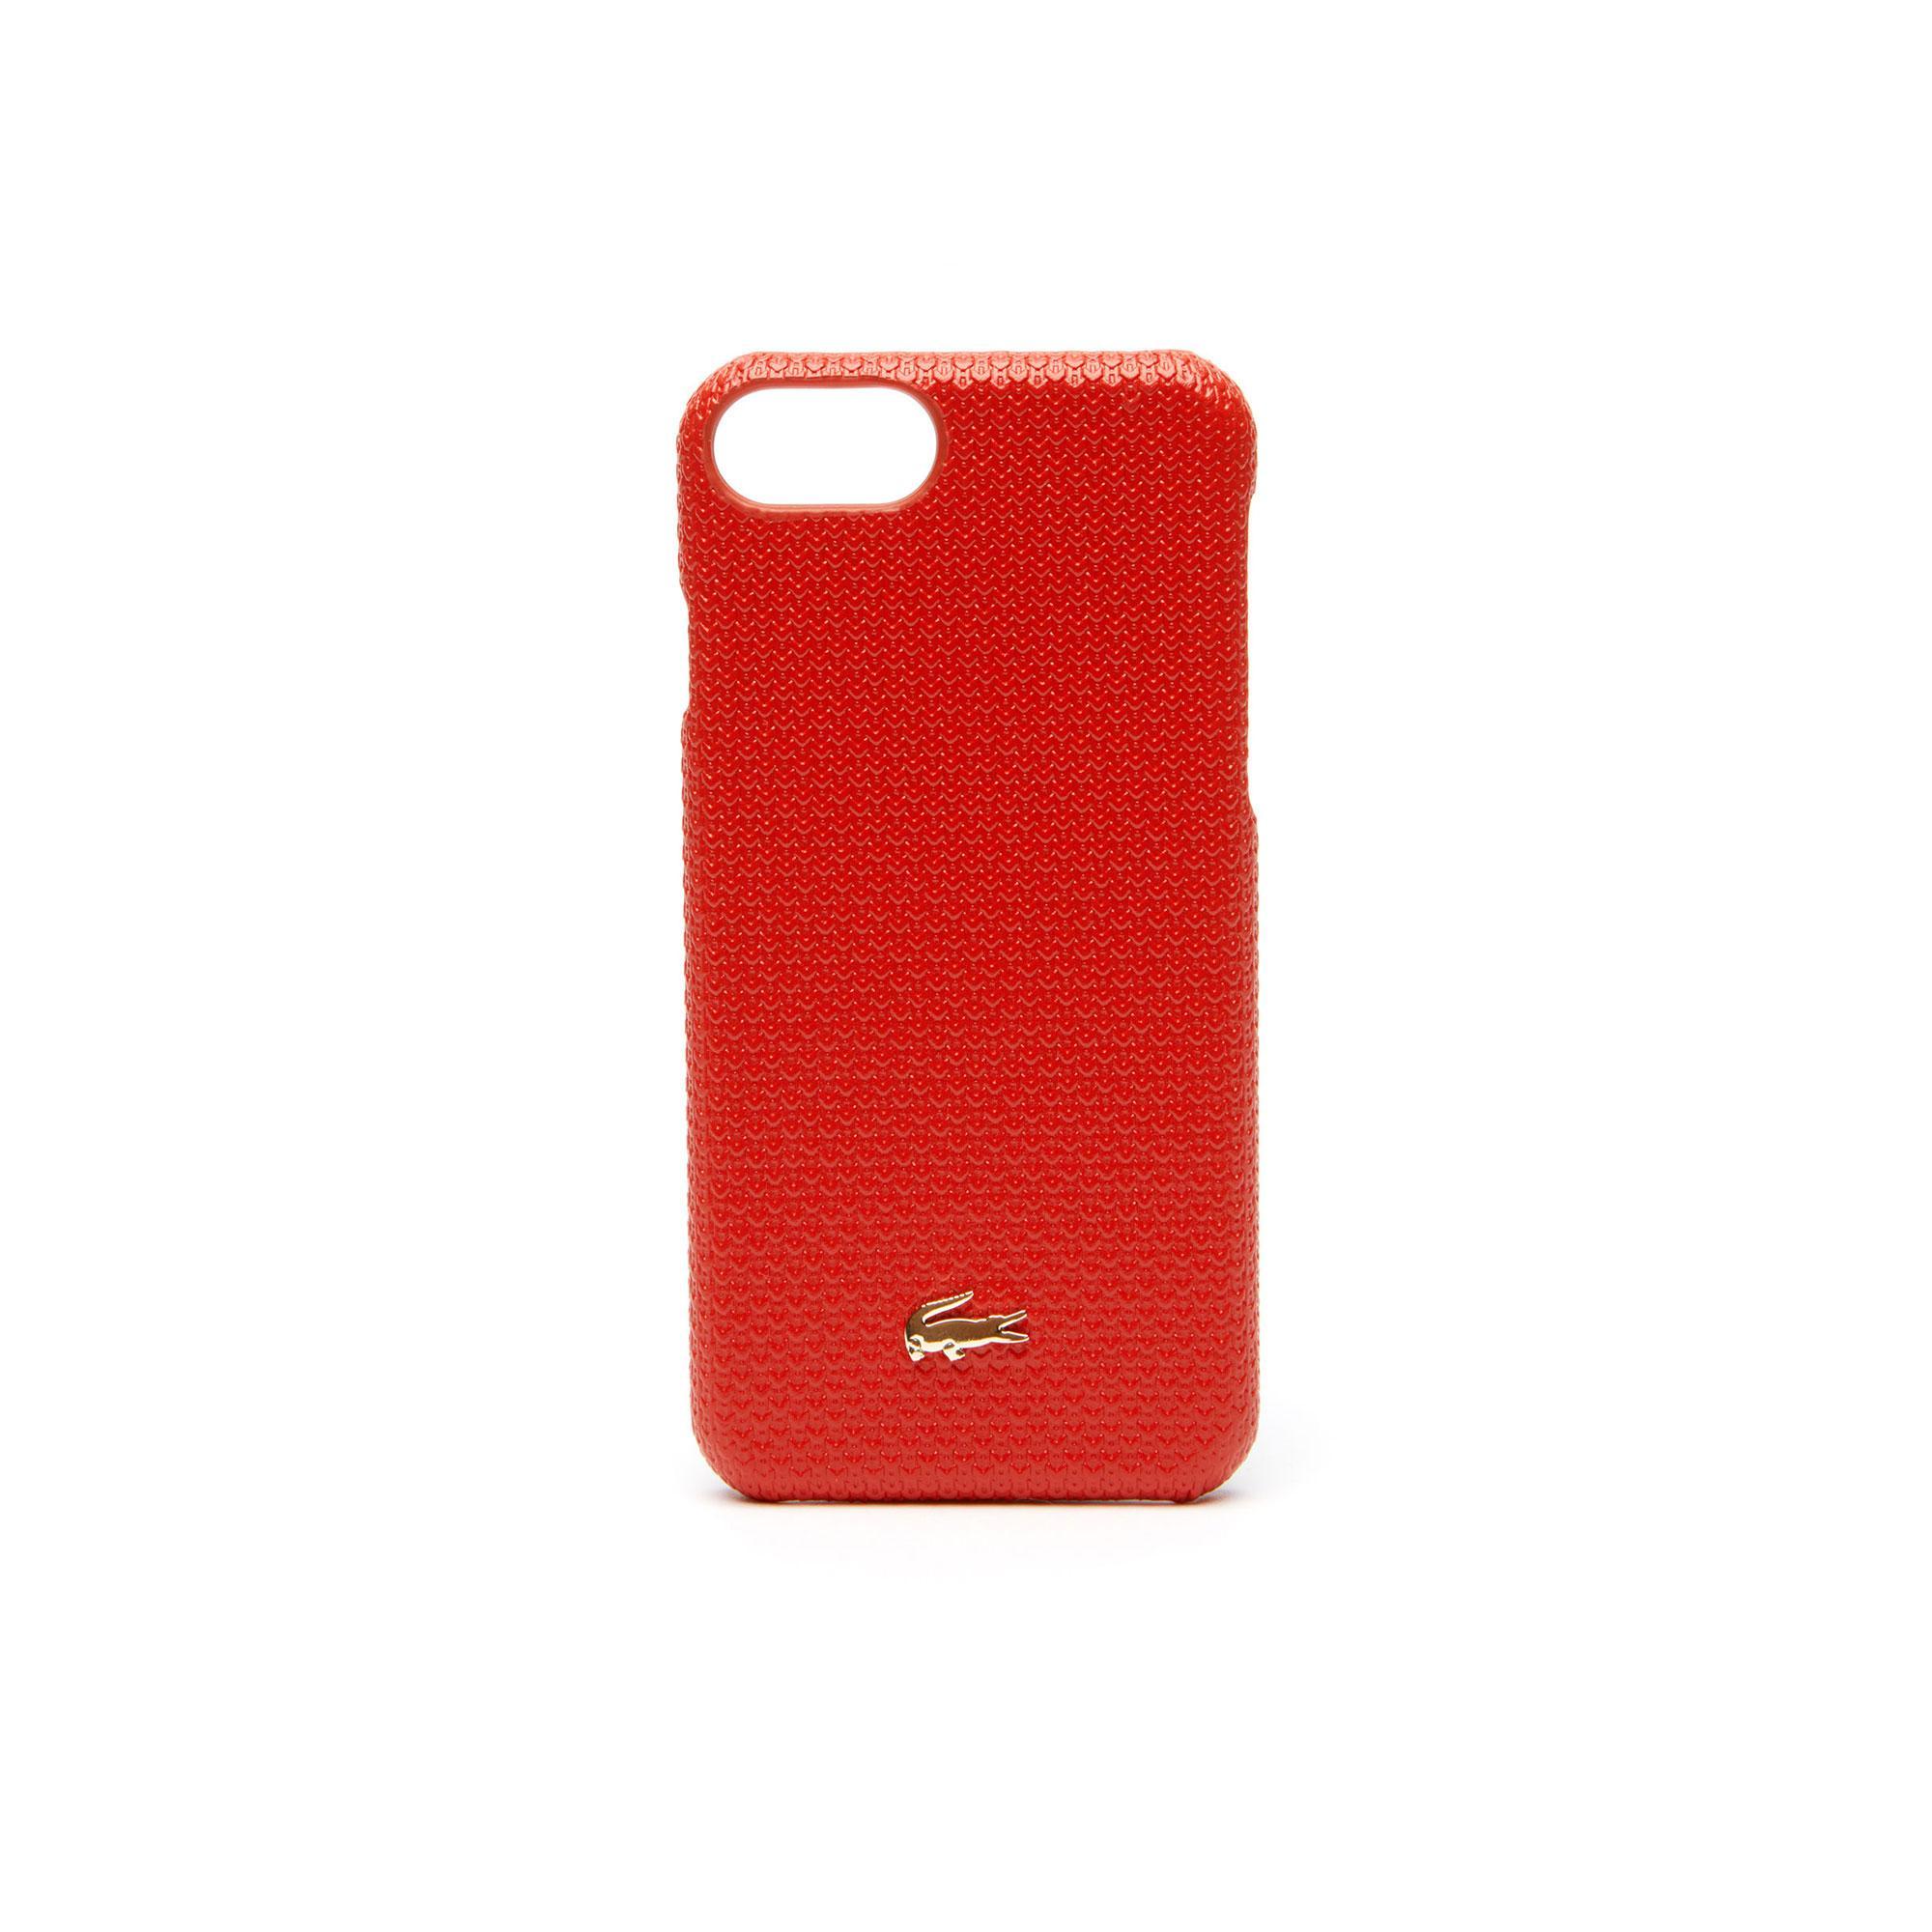 Lacoste Unisex Turuncu Iphone 8 Kılıfı